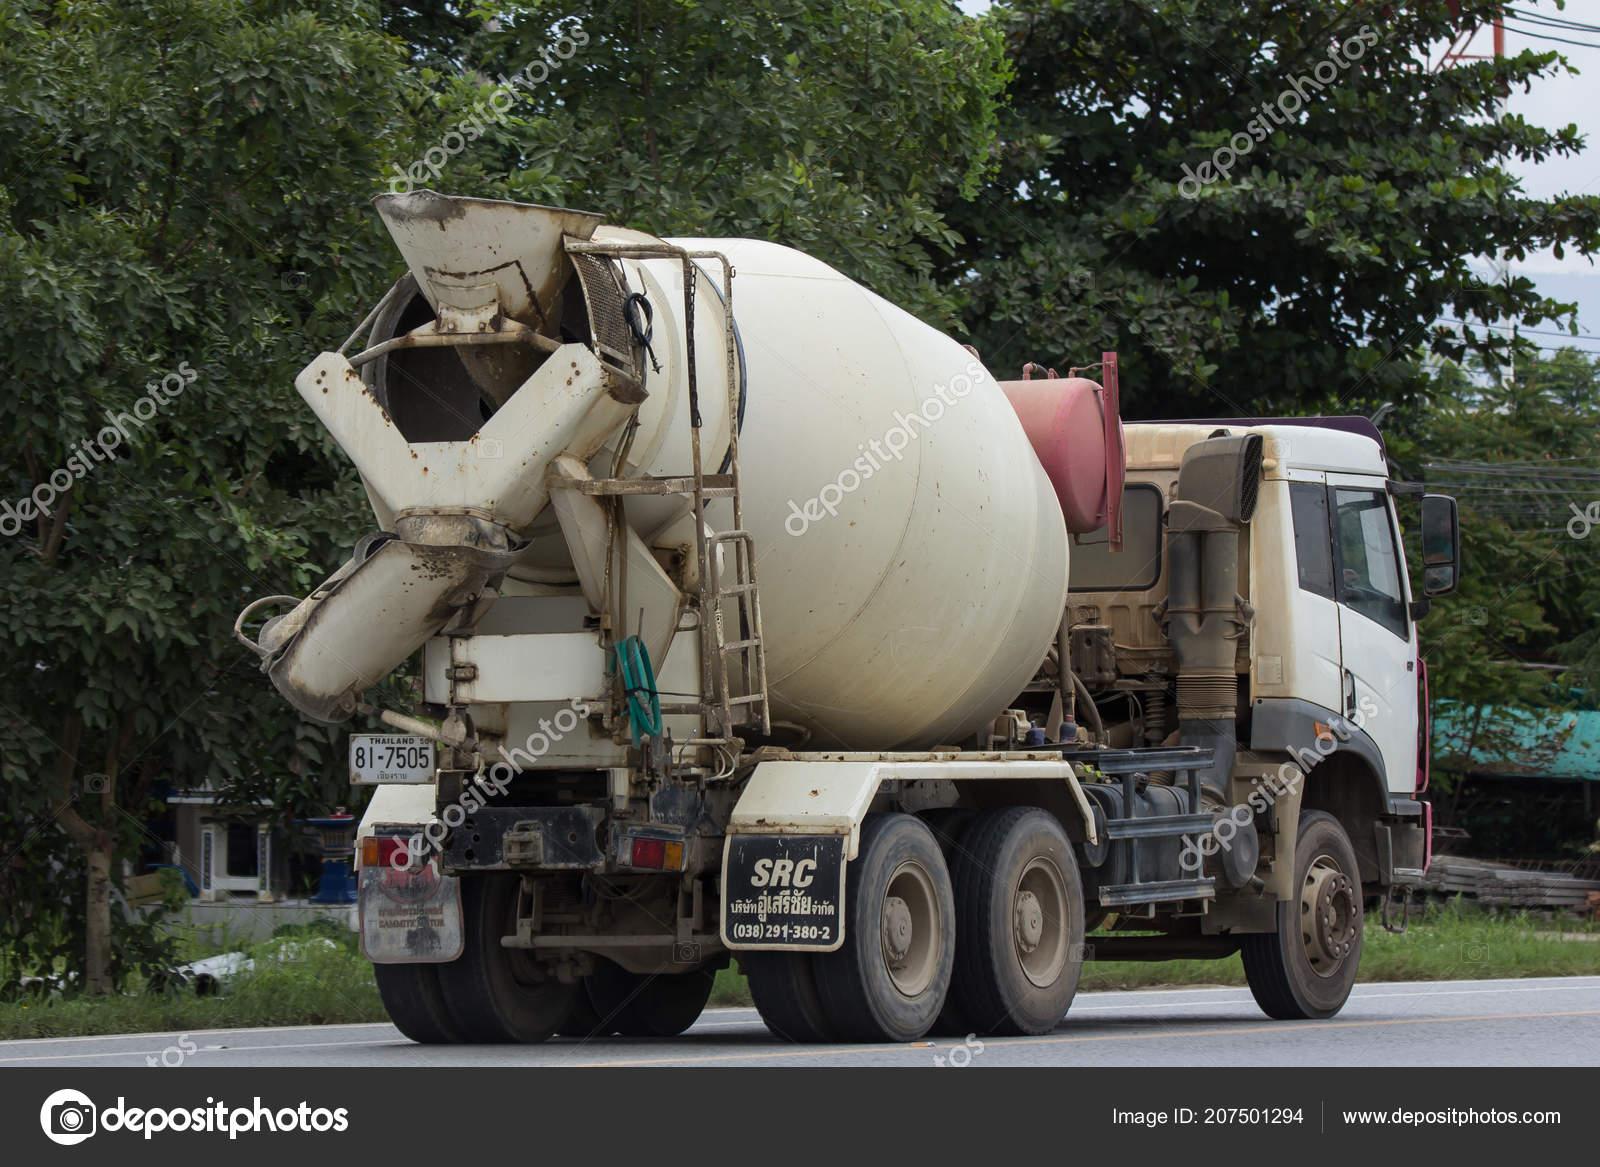 chiangmai thailand august 2018 faw cement truck thanachai company